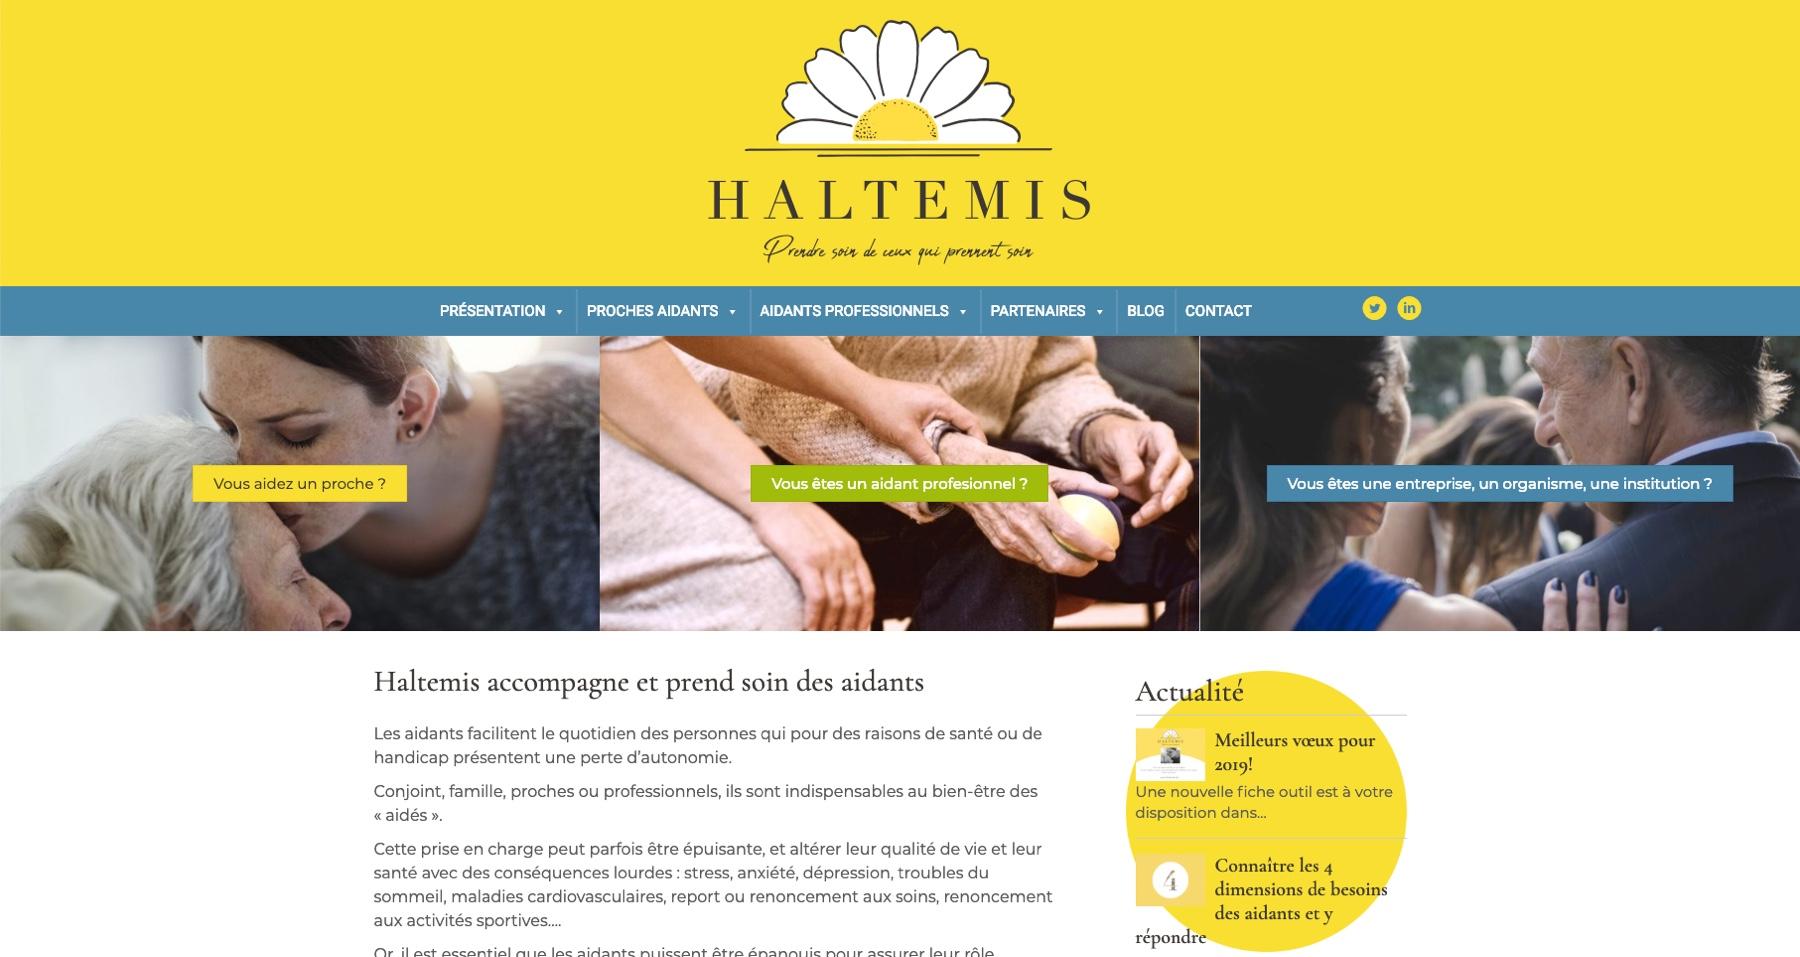 Anthem création création de site internet à reims haltemis site internet